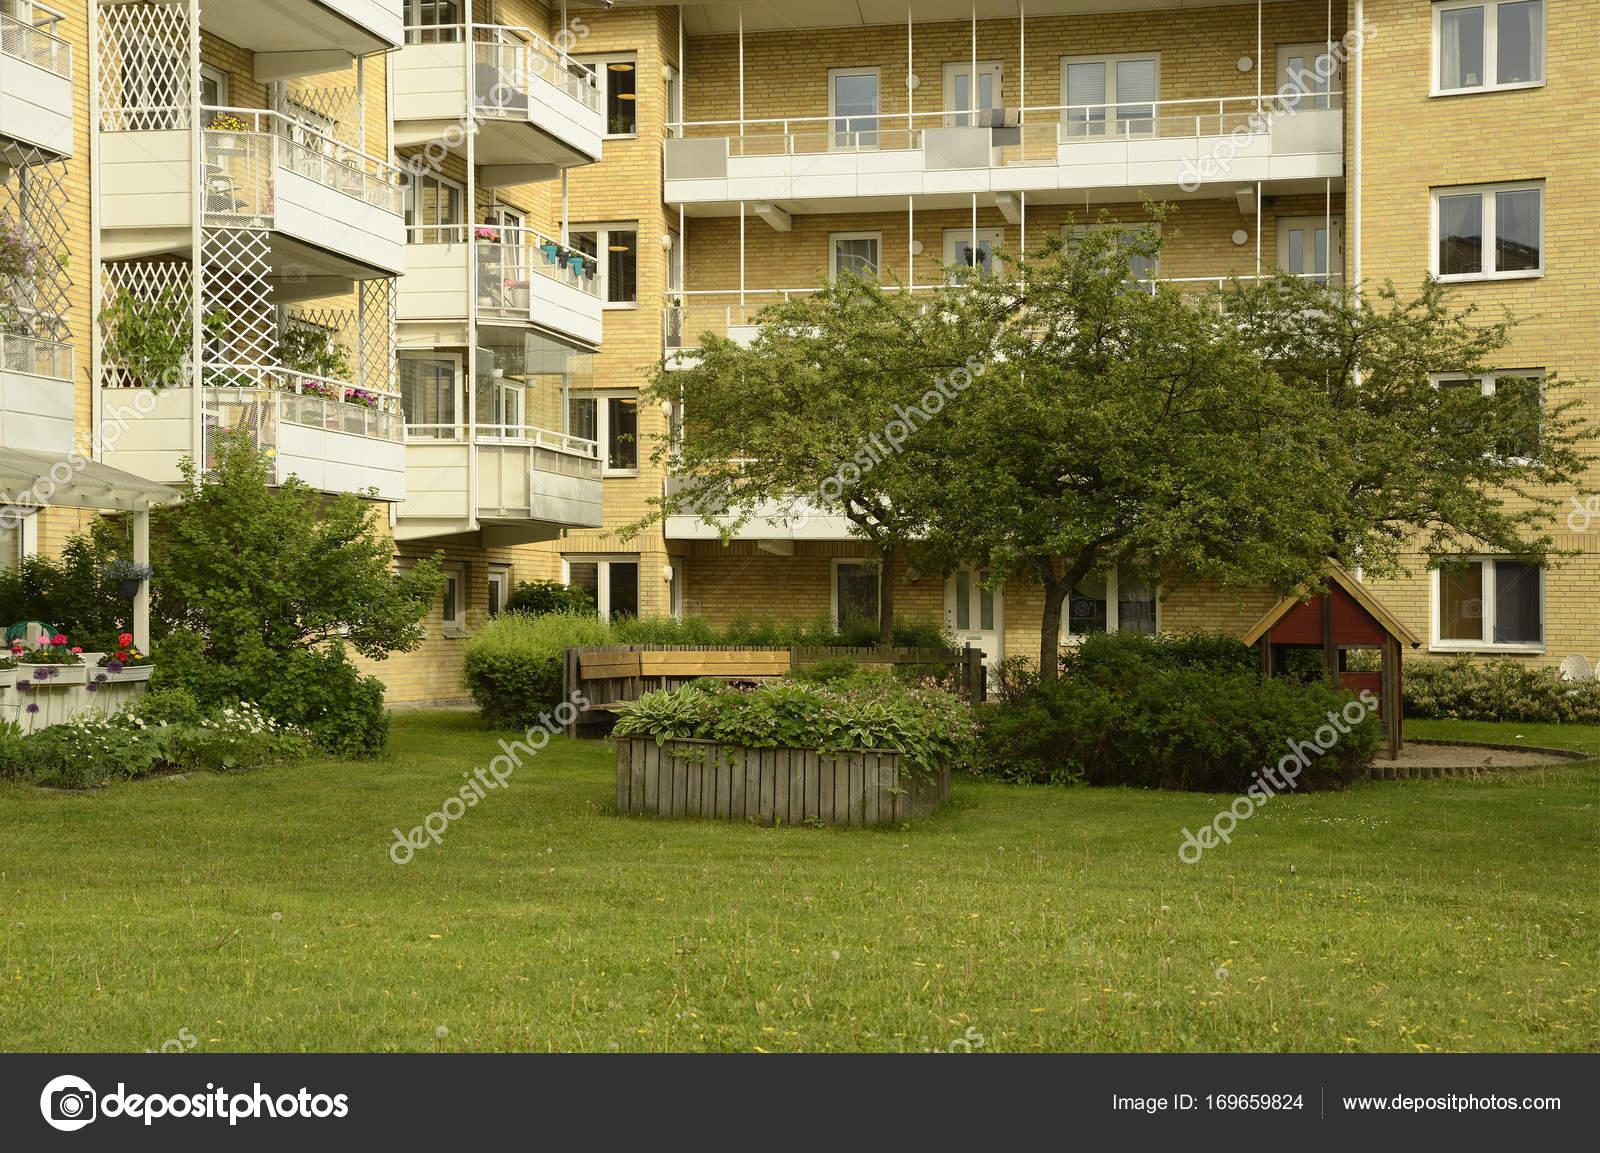 Appartamento svedese blocco u2014 foto stock © a40757 #169659824